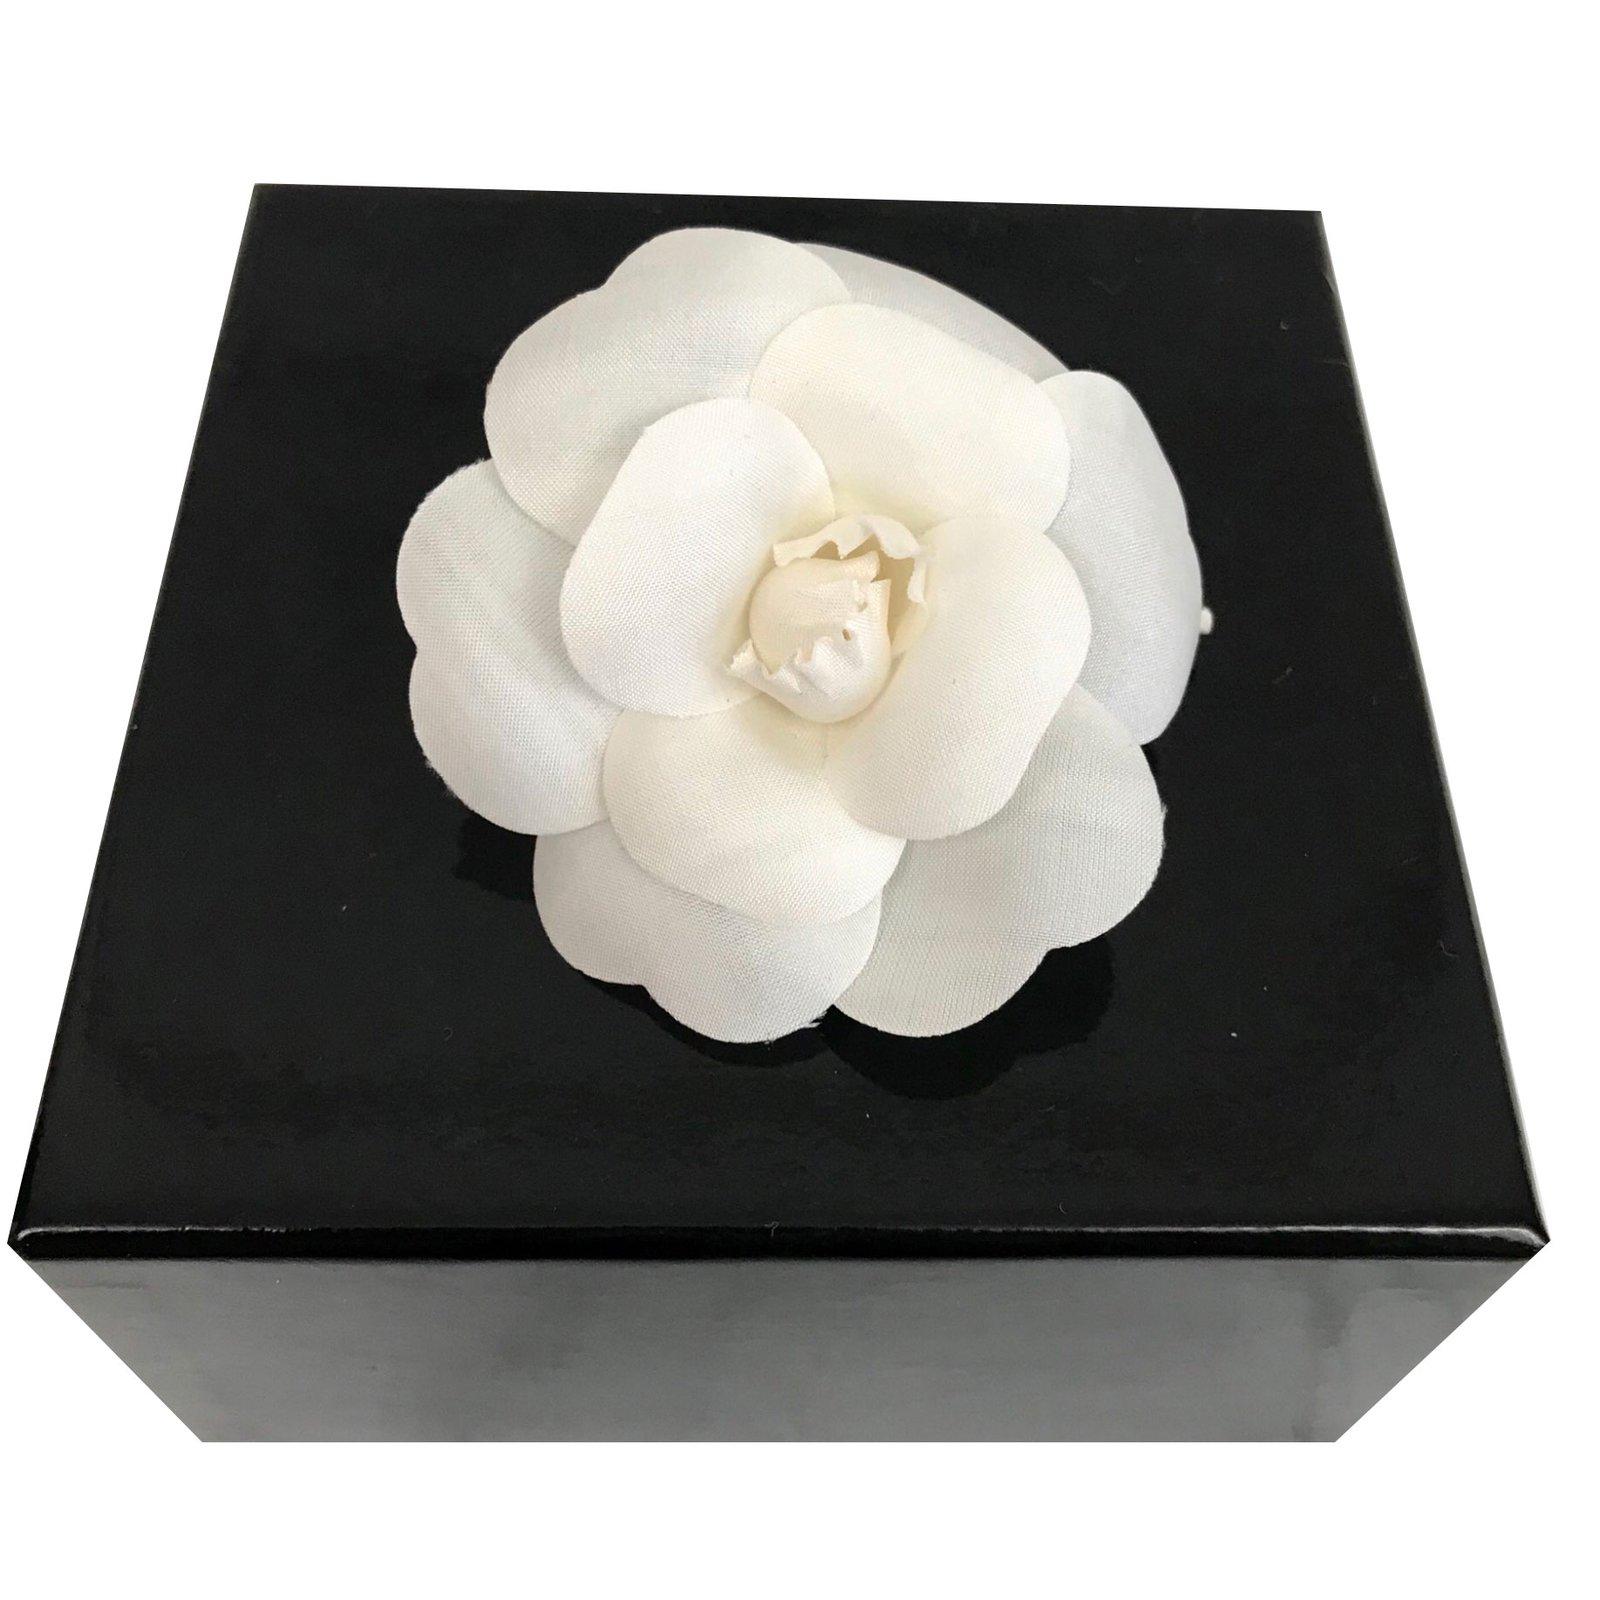 Broches Chanel Broche camélia Soie Blanc ref.75601 - Joli Closet c78040005f4